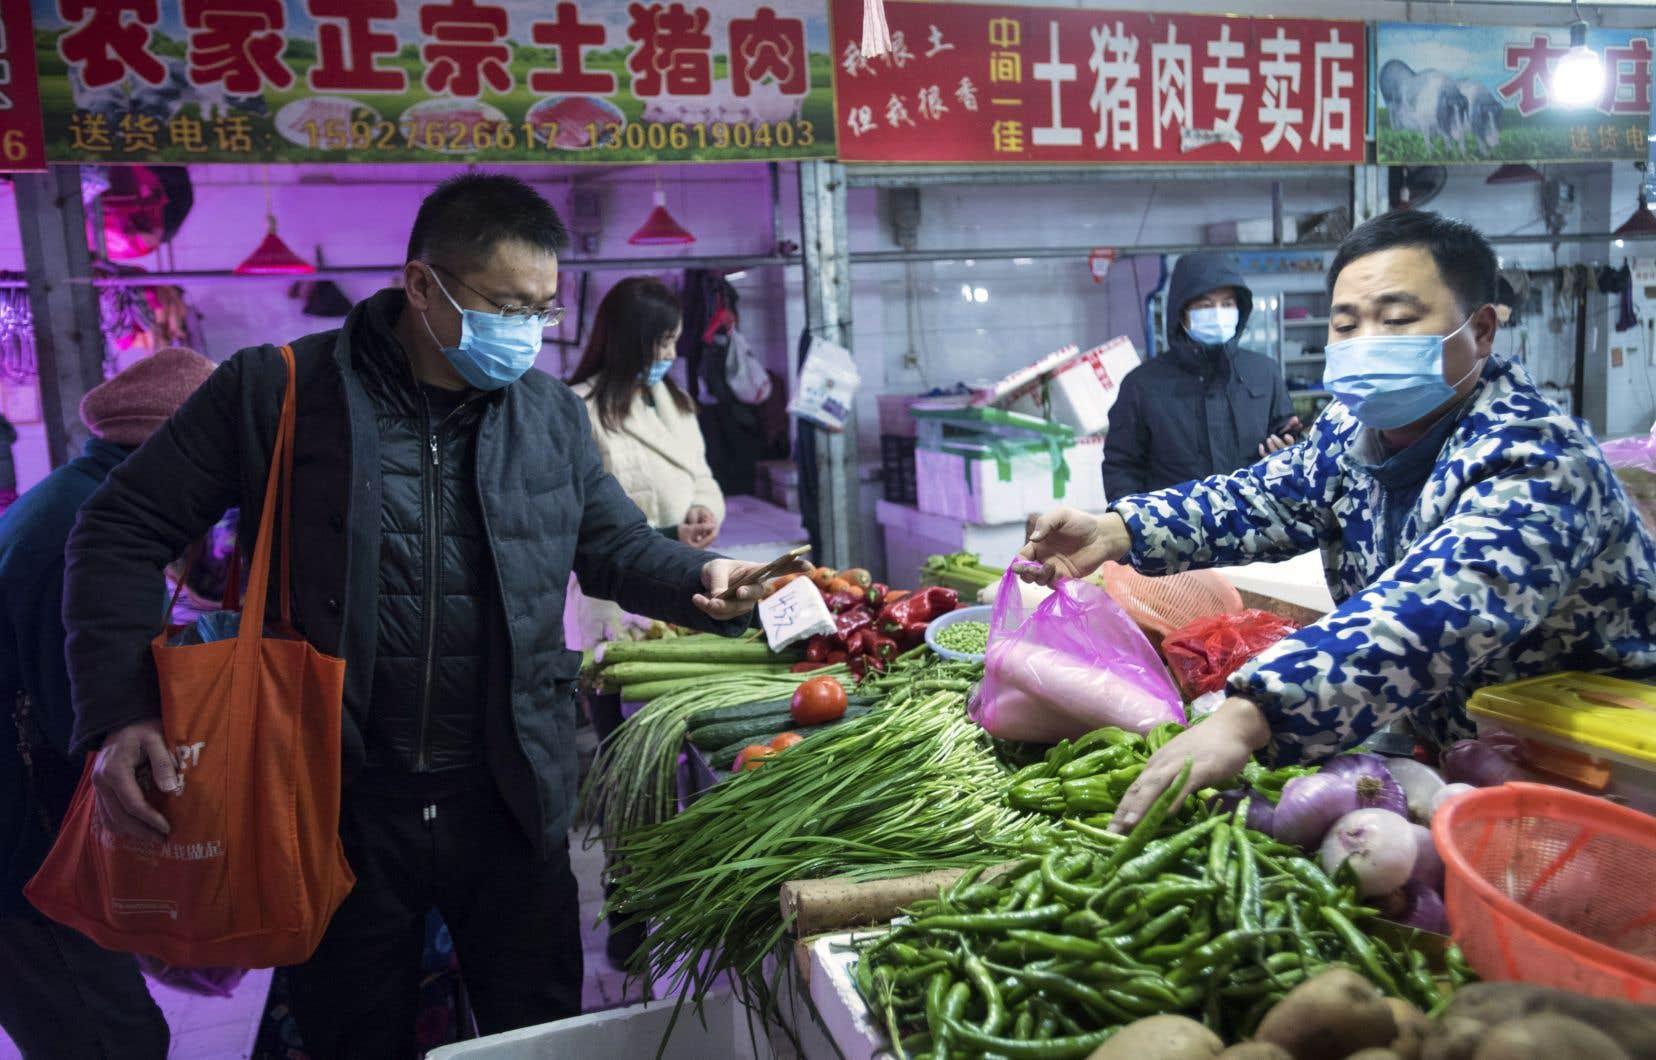 La mairie de Wuhan, épicentre de l'épidémie, a imposé le port du masque respiratoire, que la plupart des habitants avaient de toute façon commencé à mettre depuis le début de la semaine.